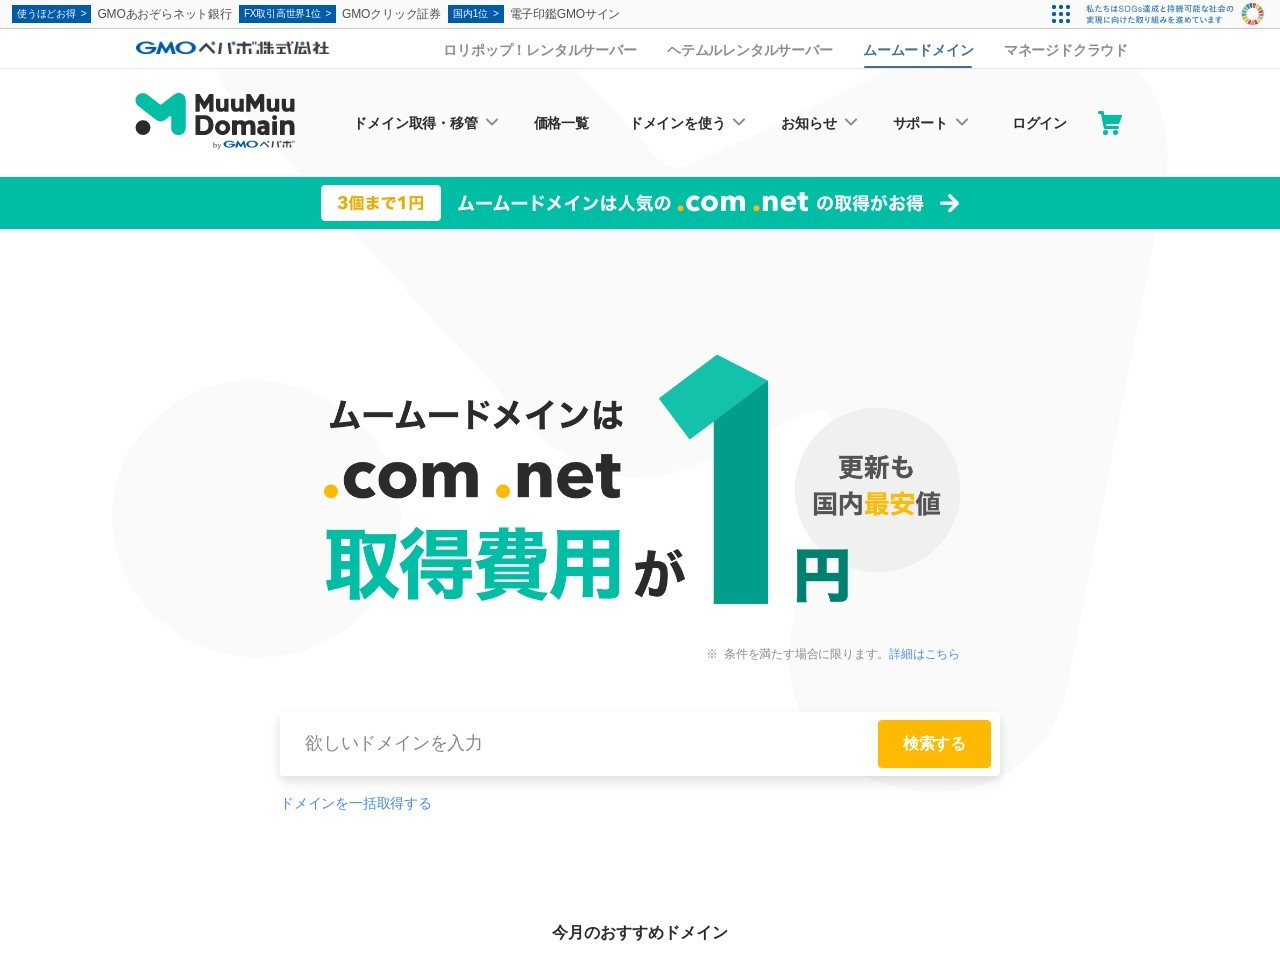 年間920円(税抜)からの格安ドメイン取得サービス─ムームードメイン─